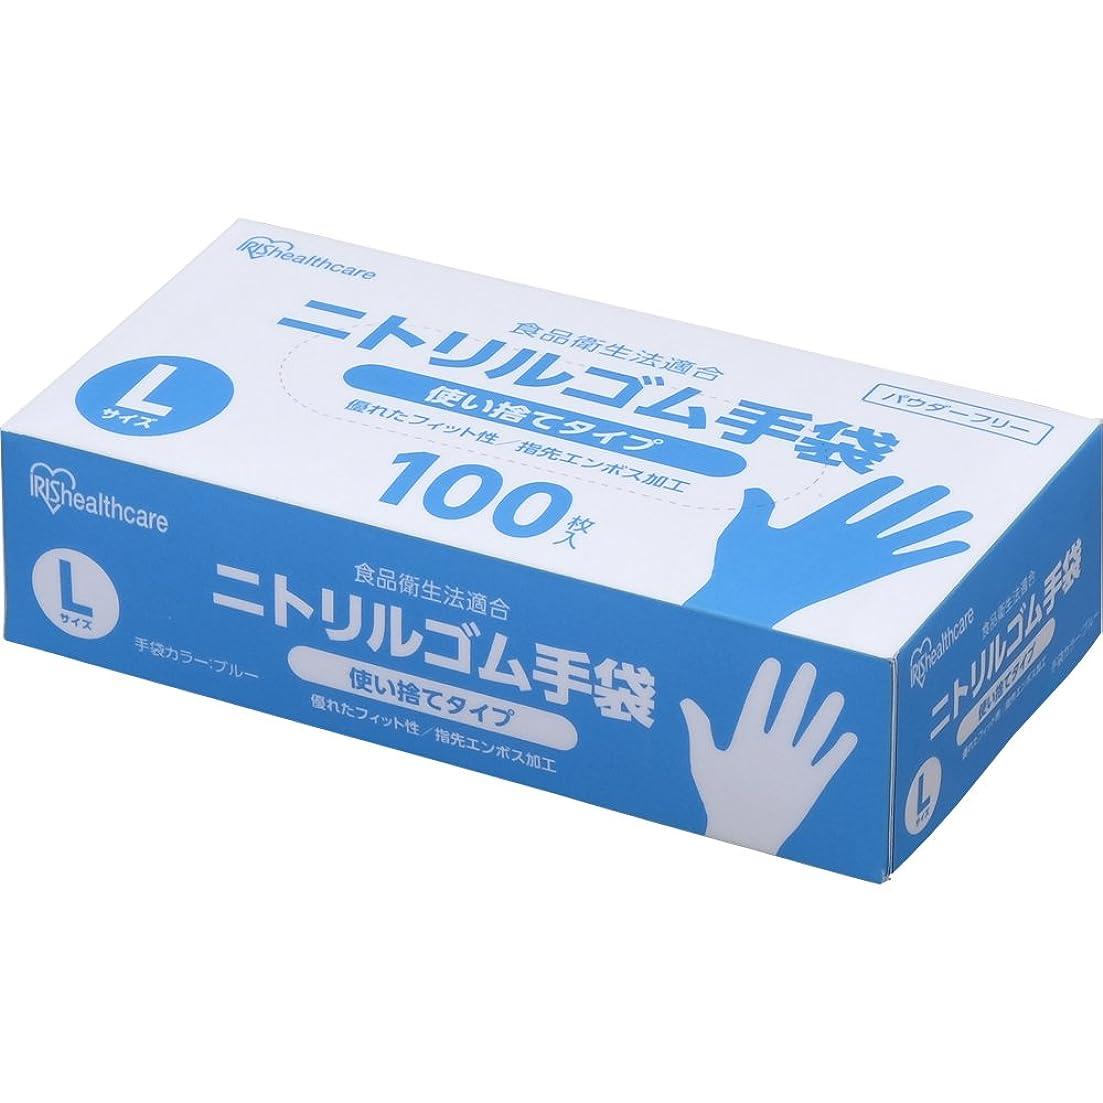 亜熱帯分散図アイリスオーヤマ 使い捨て手袋 ブルー ニトリルゴム 100枚 Lサイズ 業務用